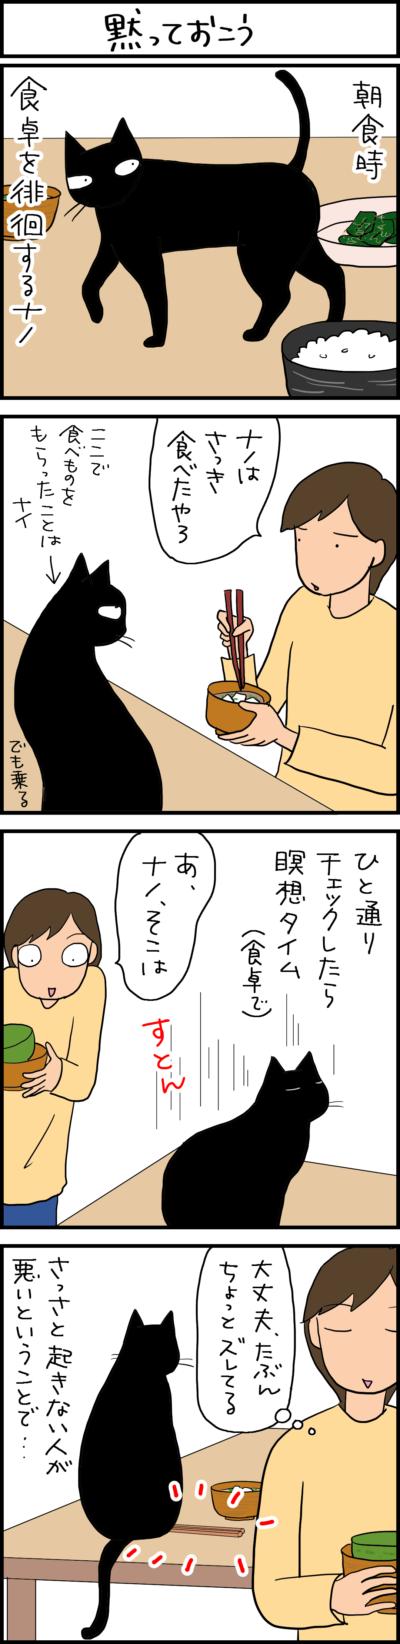 食卓に座る猫の4コマ猫漫画